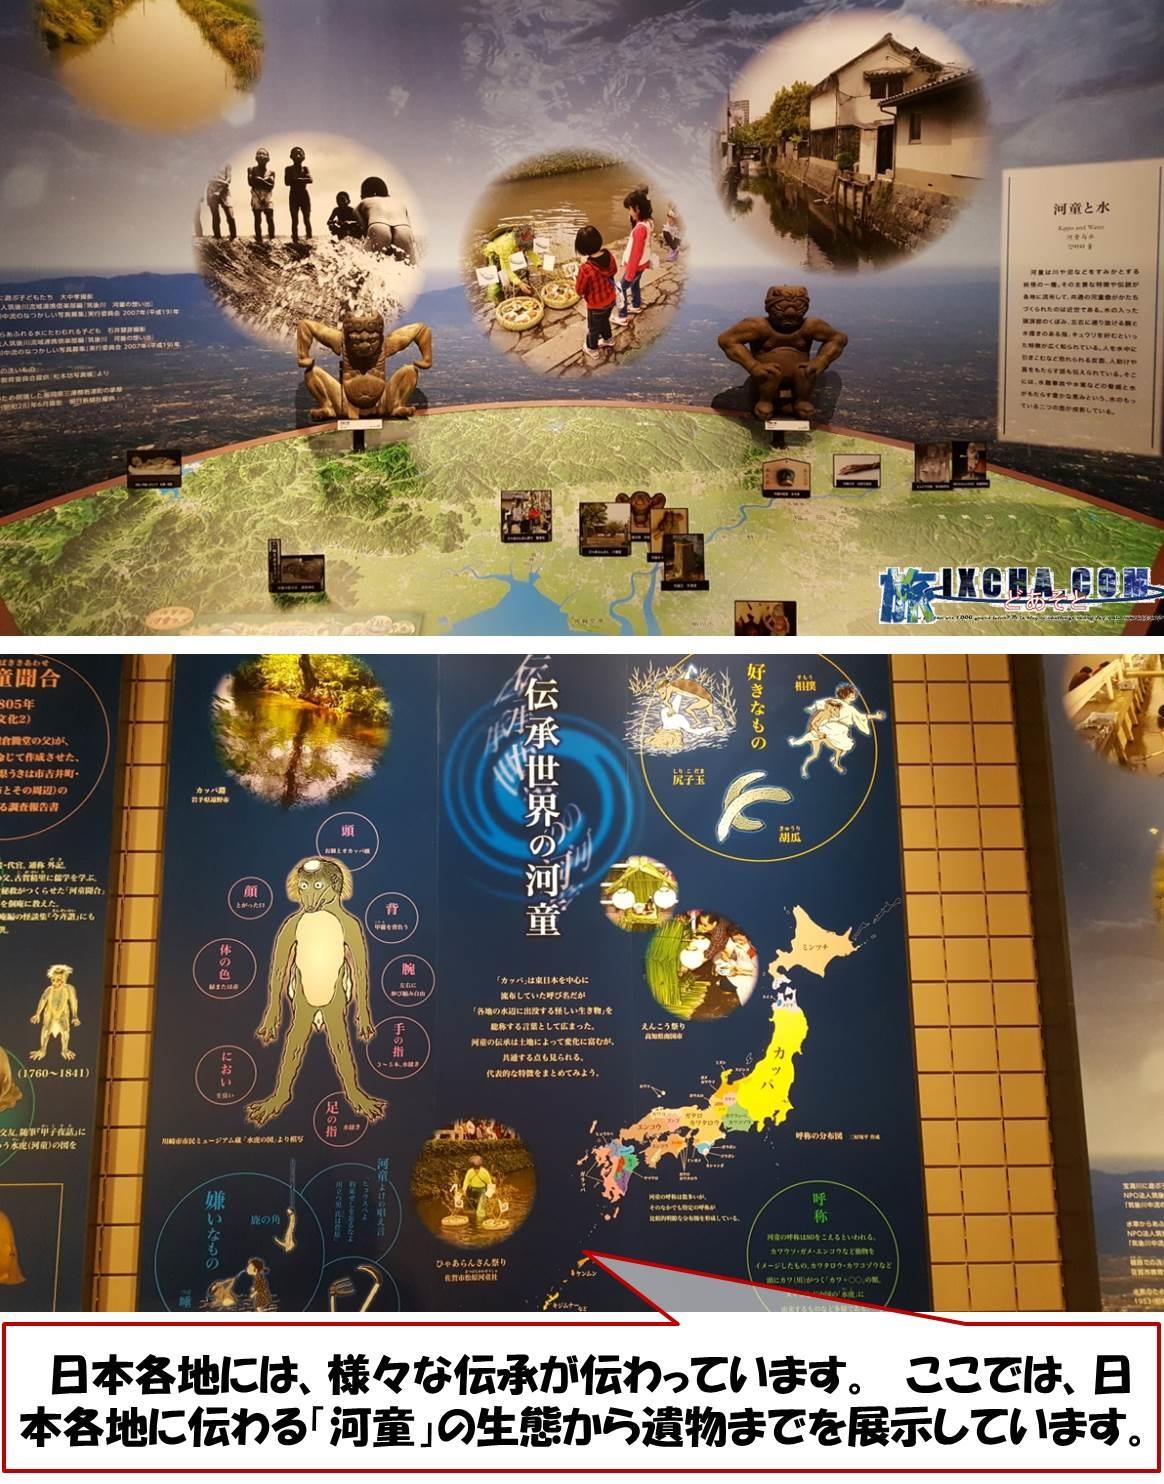 日本各地には、様々な伝承が伝わっています。 ここでは、日本各地に伝わる「河童」の生態から遺物までを展示しています。